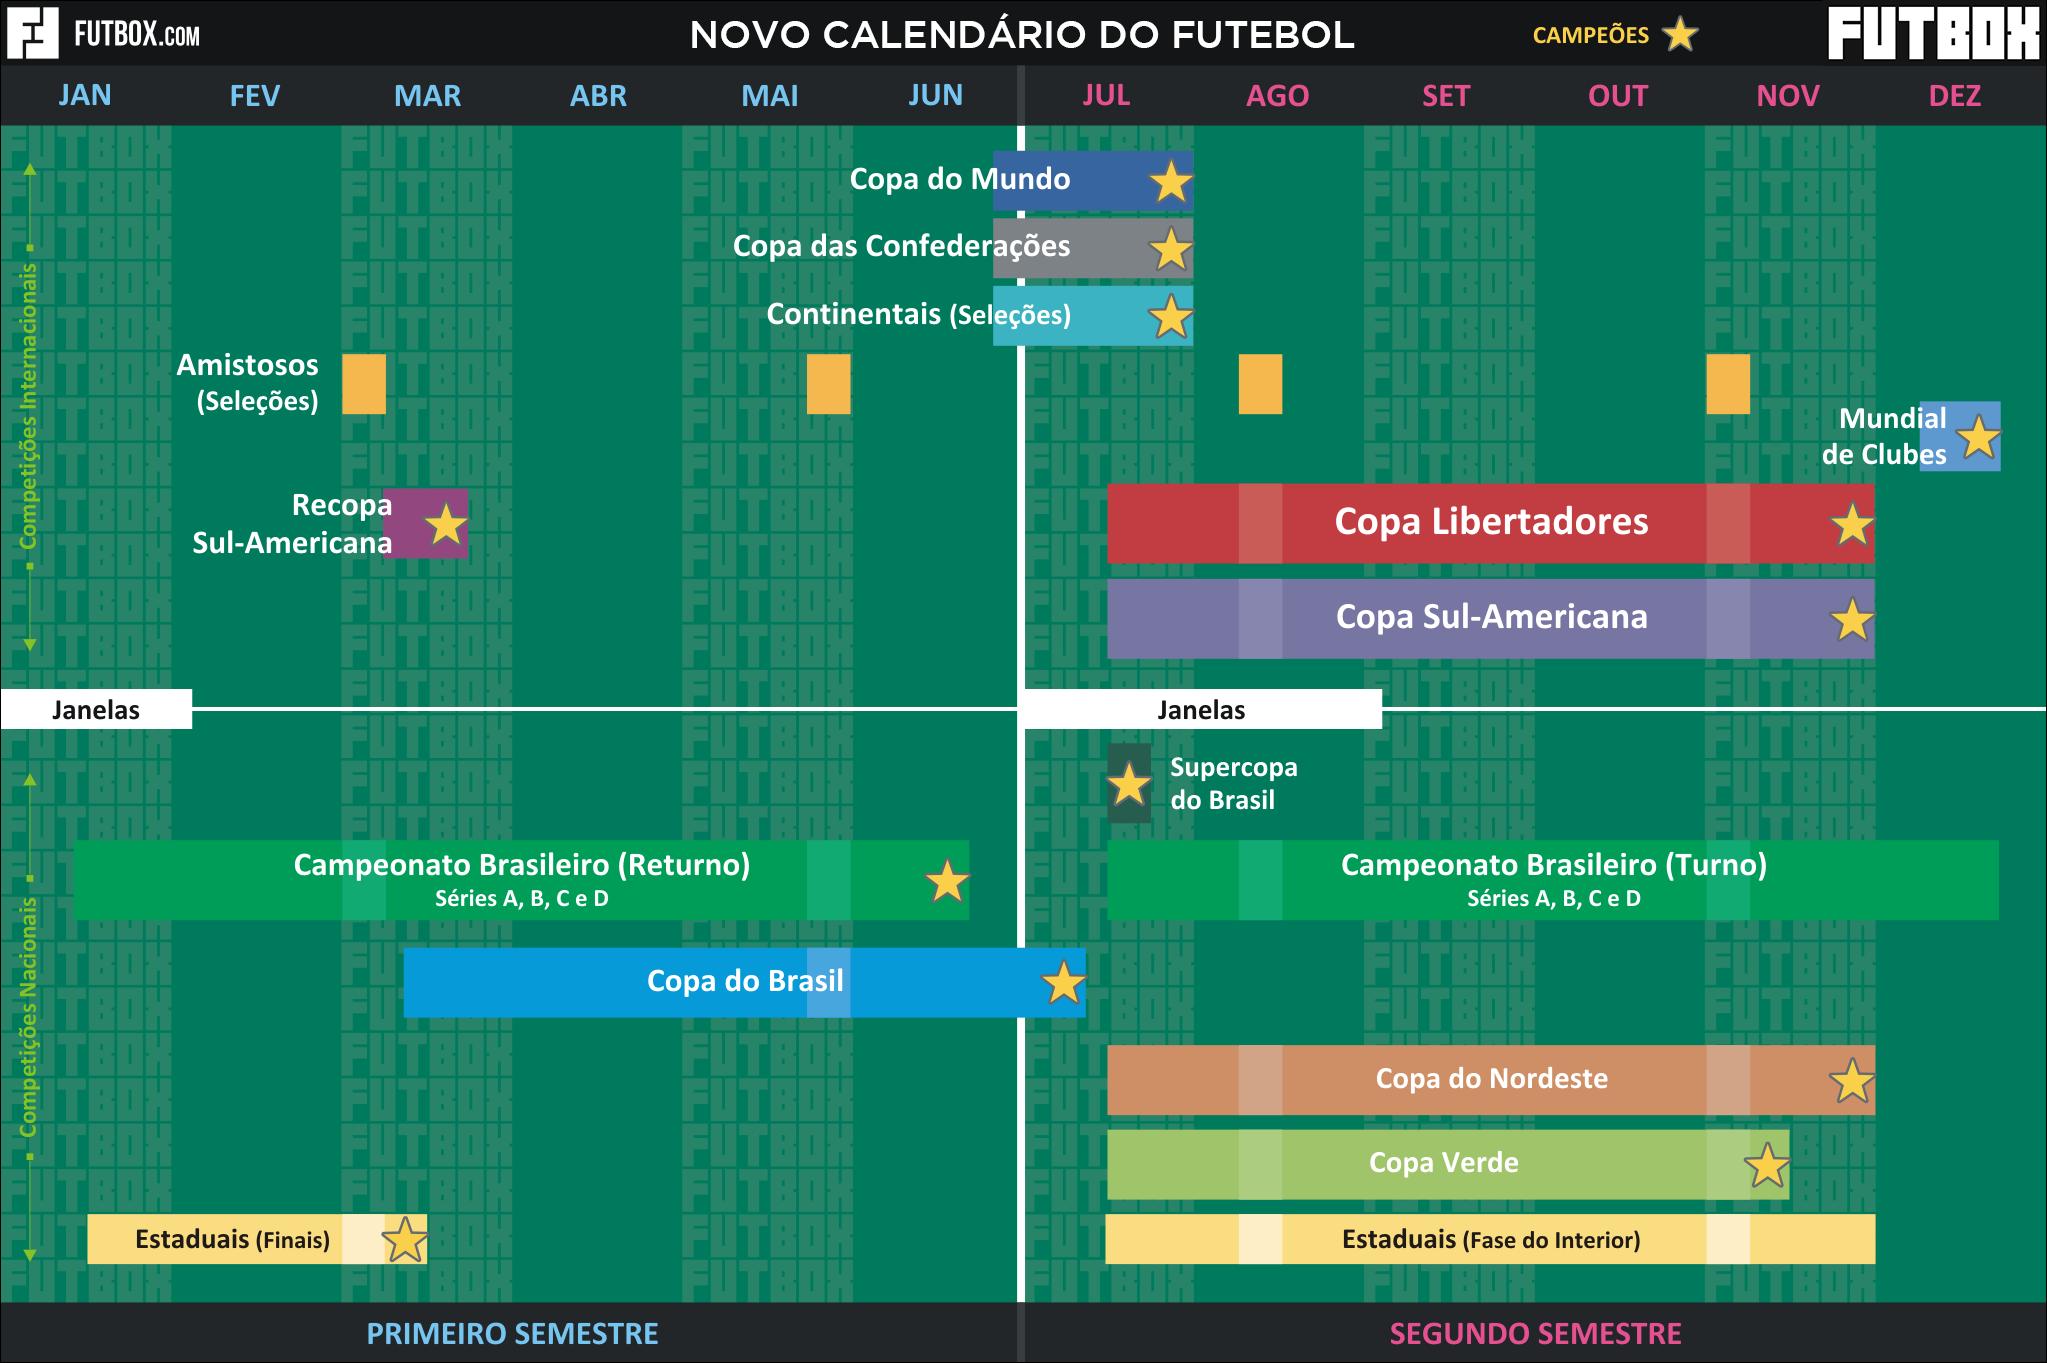 Novo Calendário do Futebol